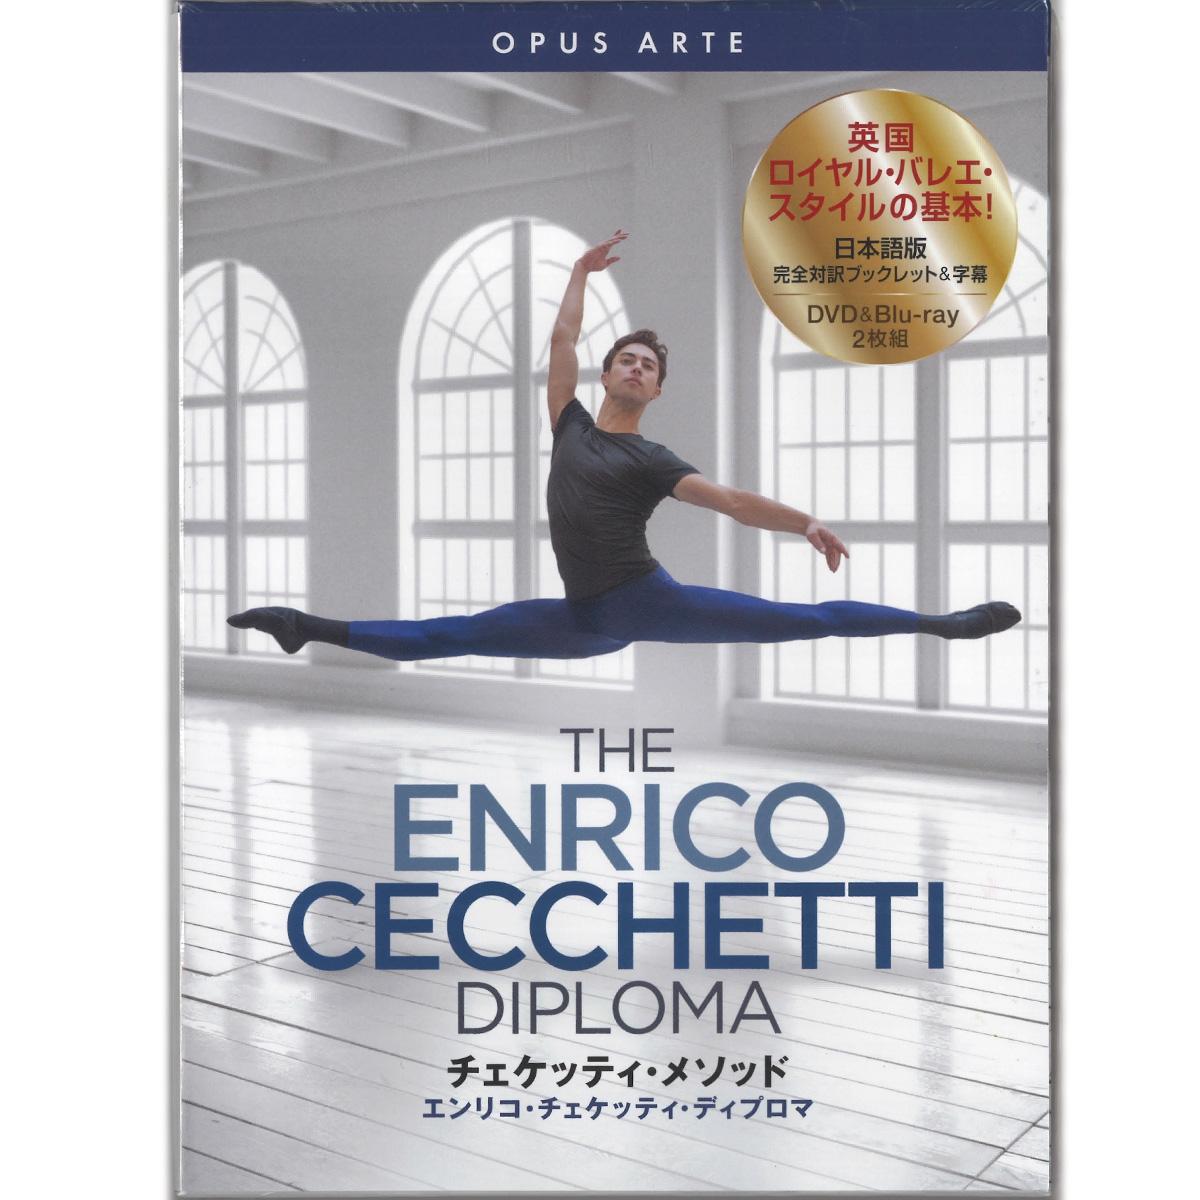 【チャコット 公式(chacott)】【DVD】チェケッティ・メソッド エンリコ・チェケッティ・ディプロマ